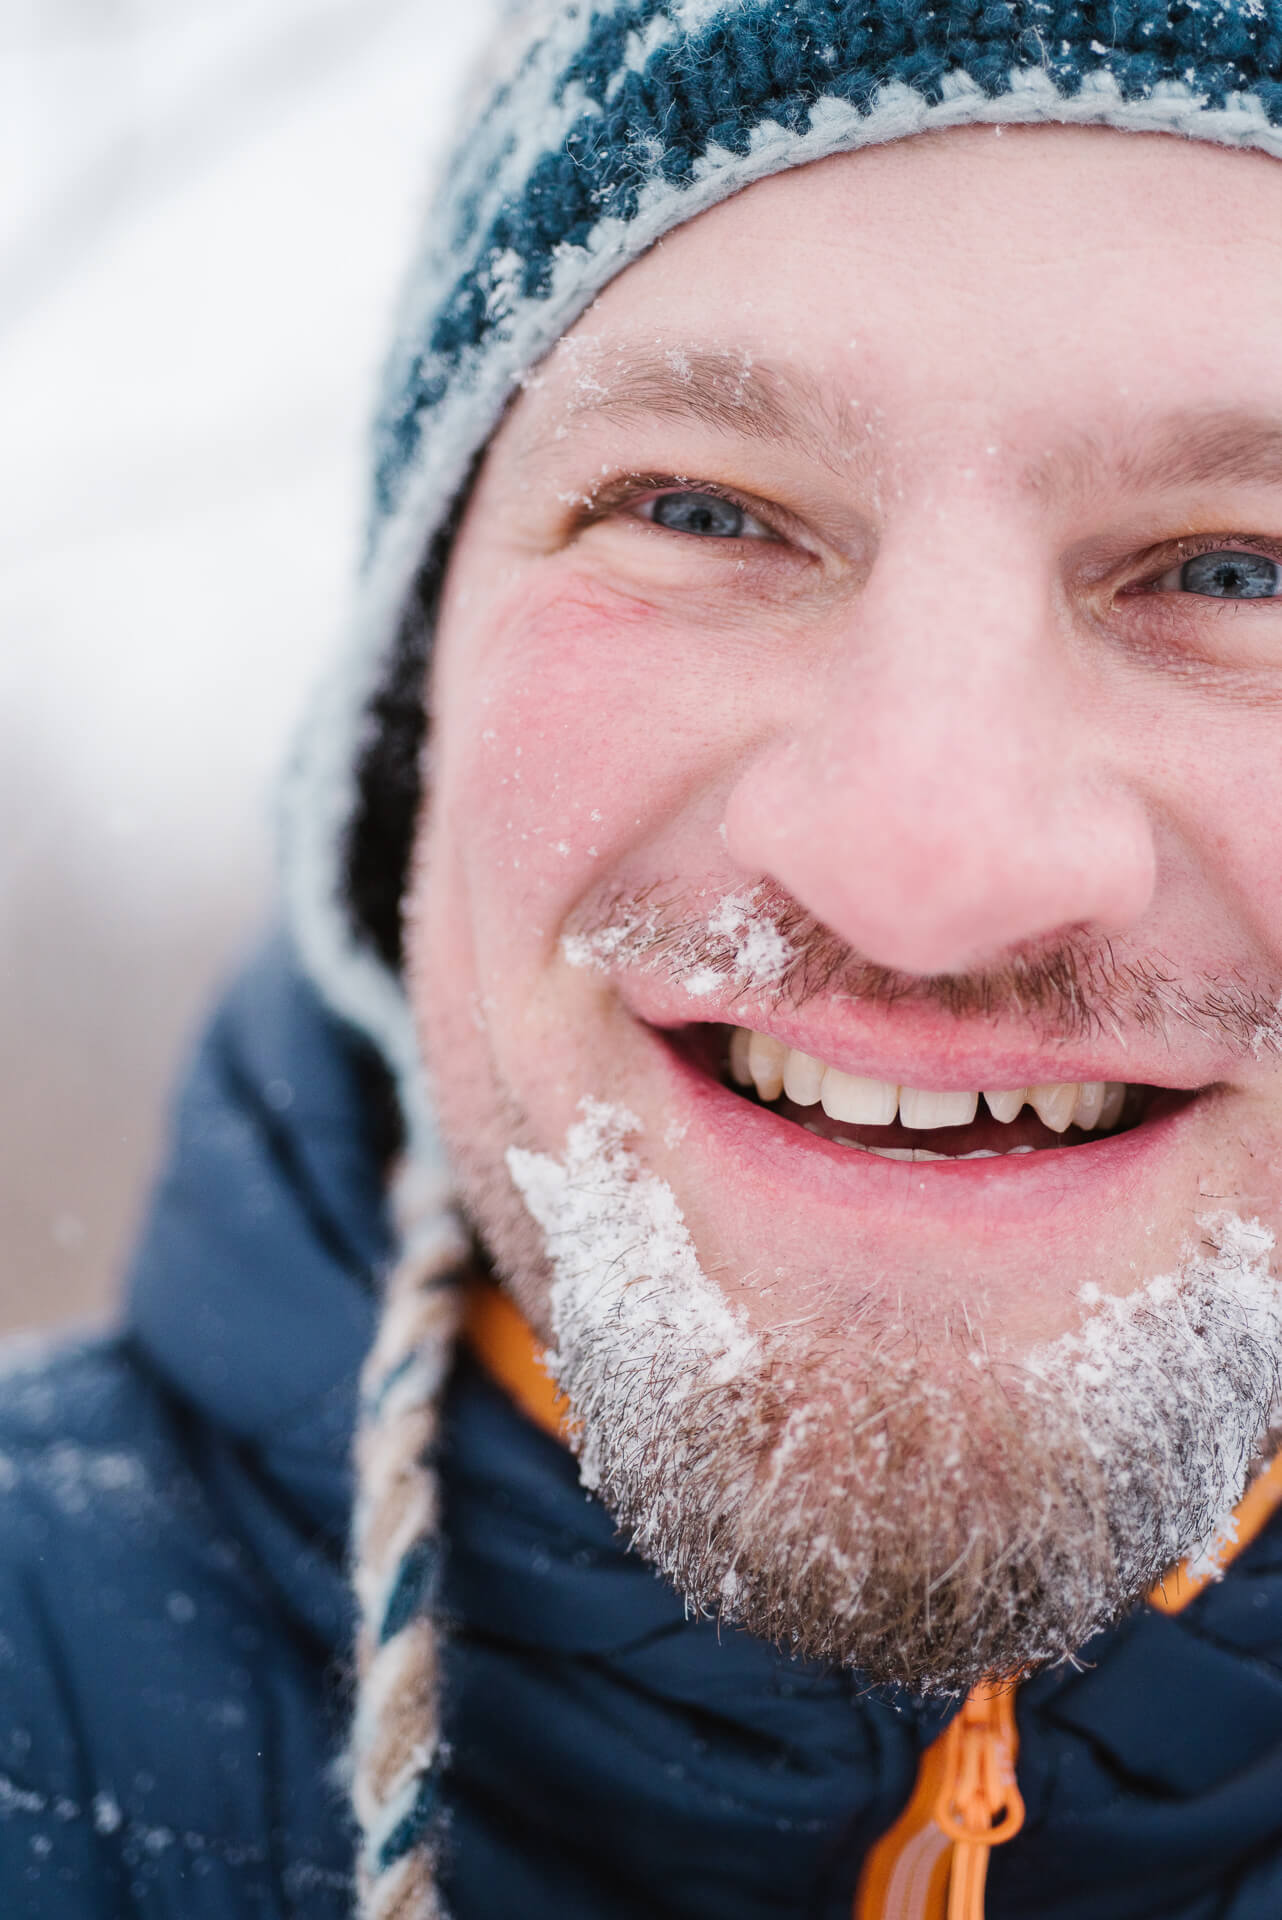 zimowy-portret-mezczyzny-ze-sniegiem-na-brodzie